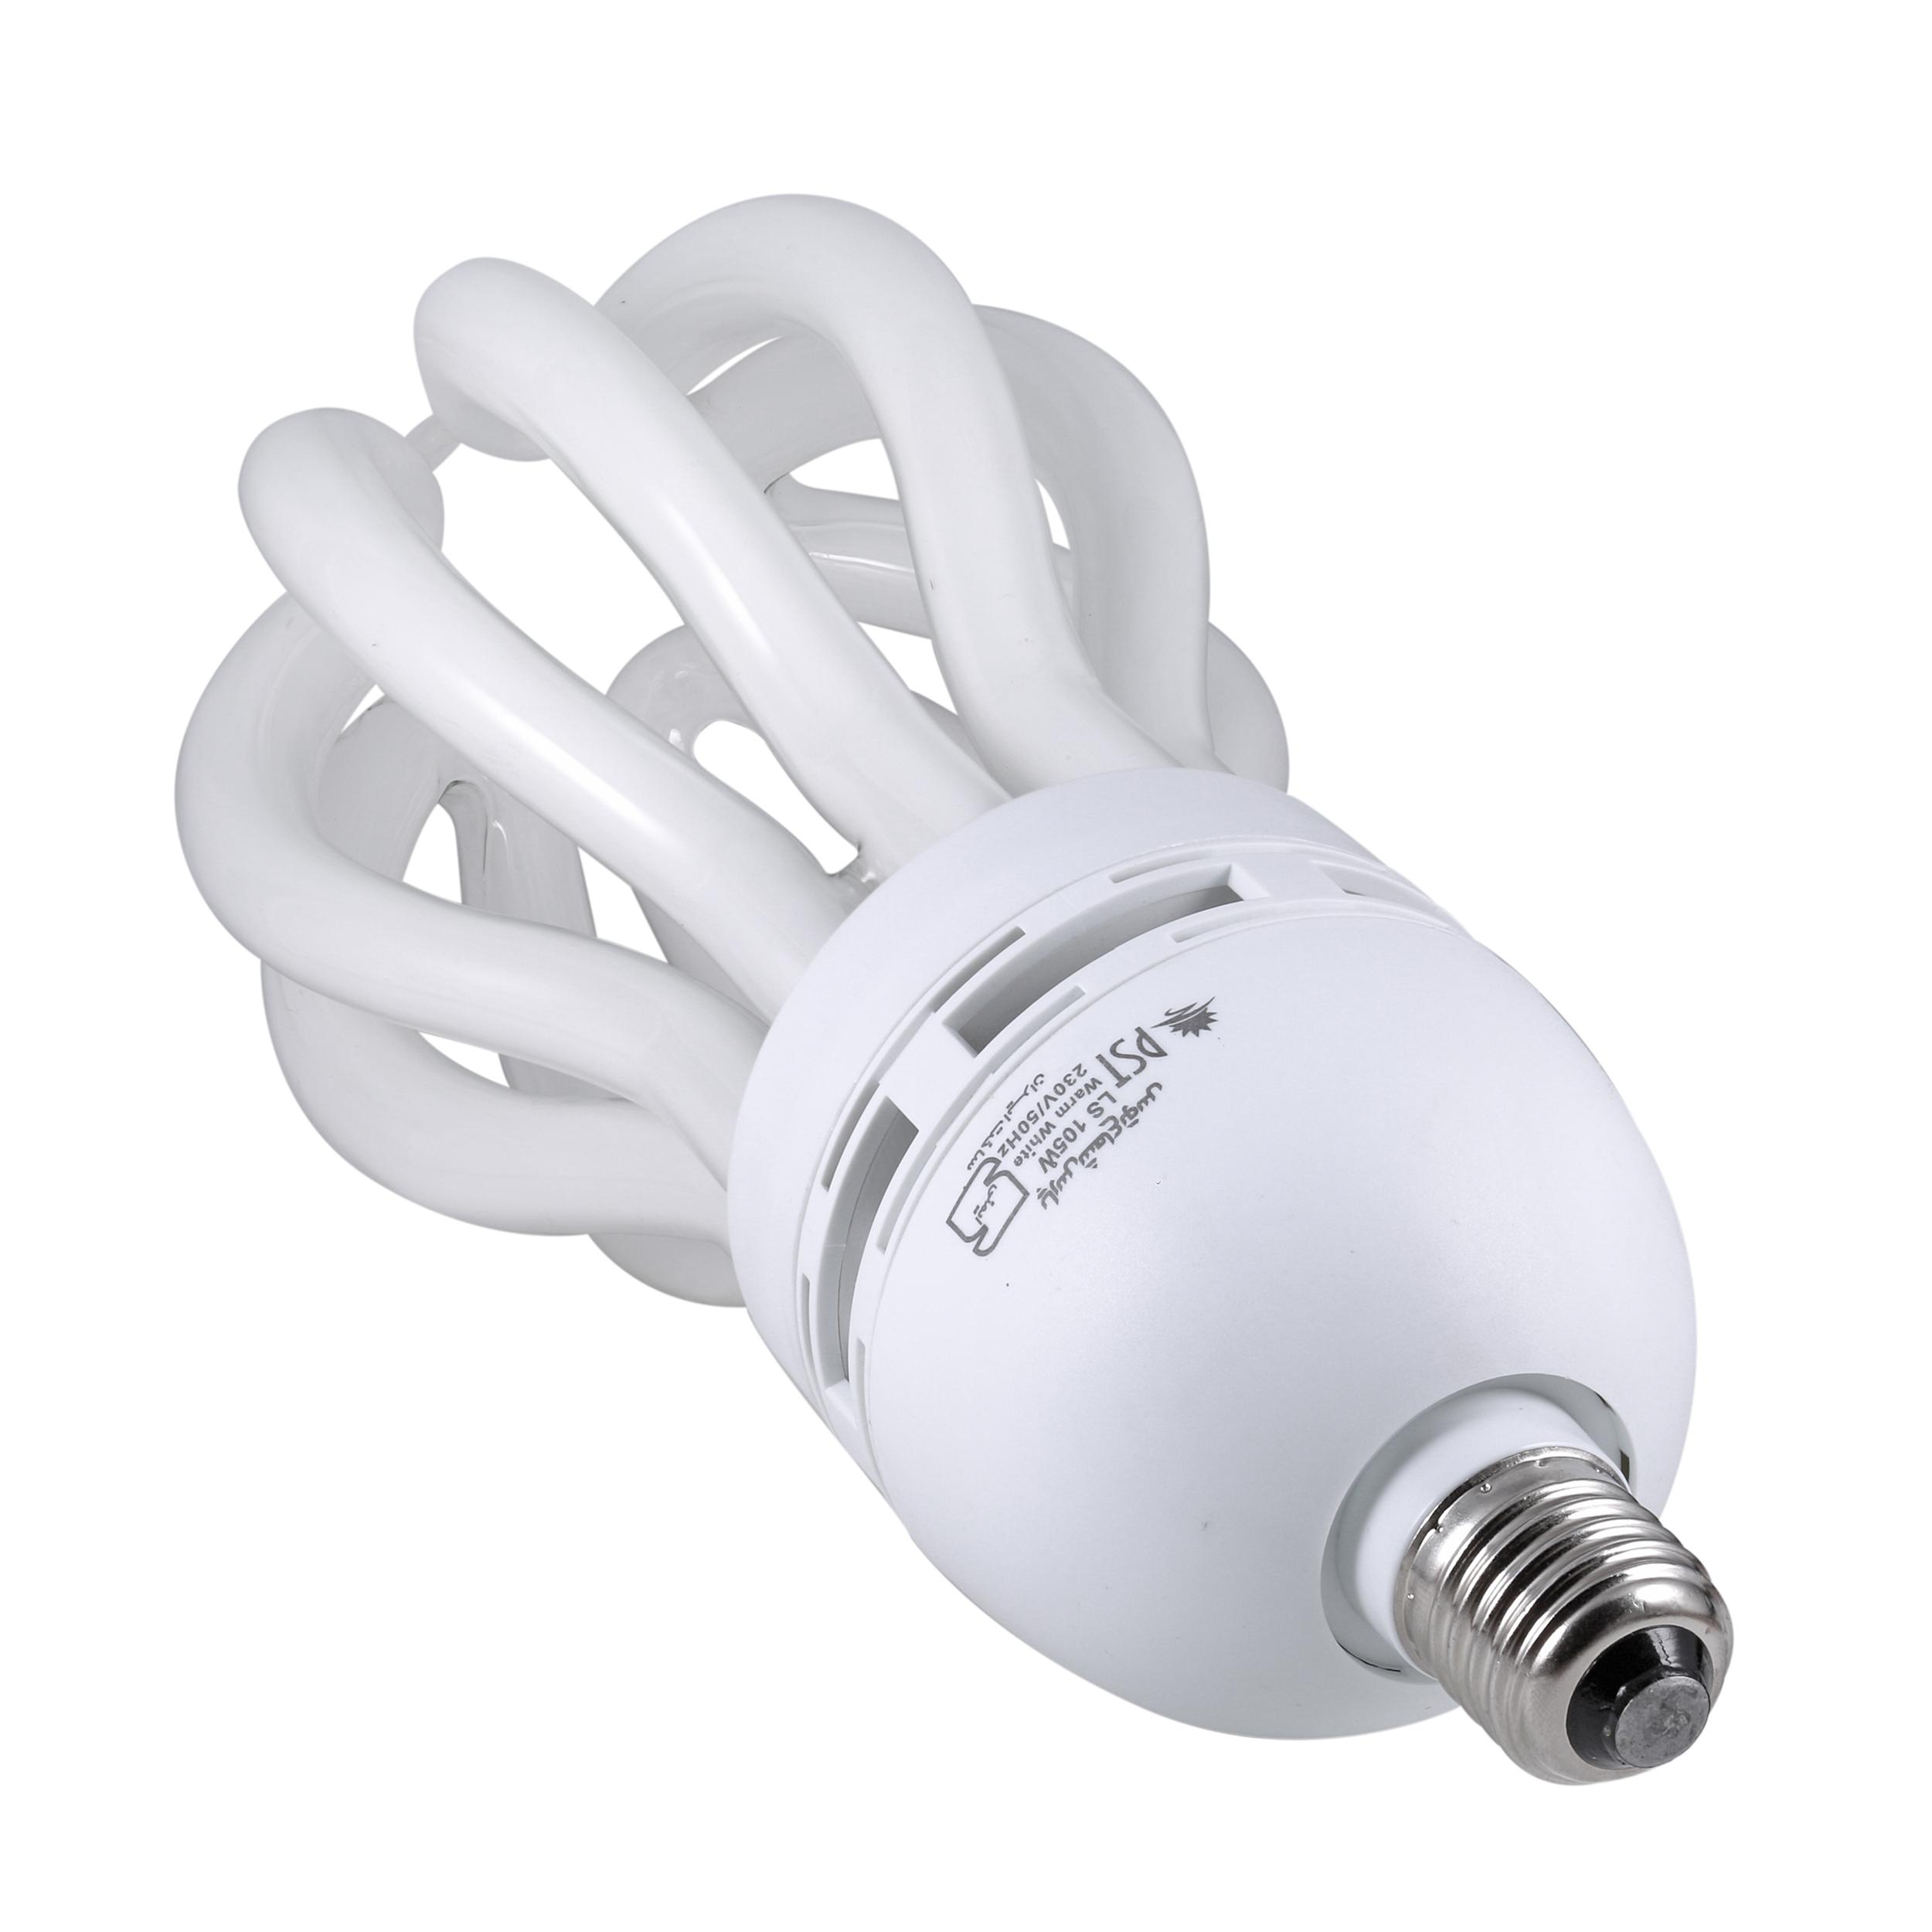 لامپ کم مصرف 105 وات پارس شعاع توس مدل PT-LOTUS105 پایه E27